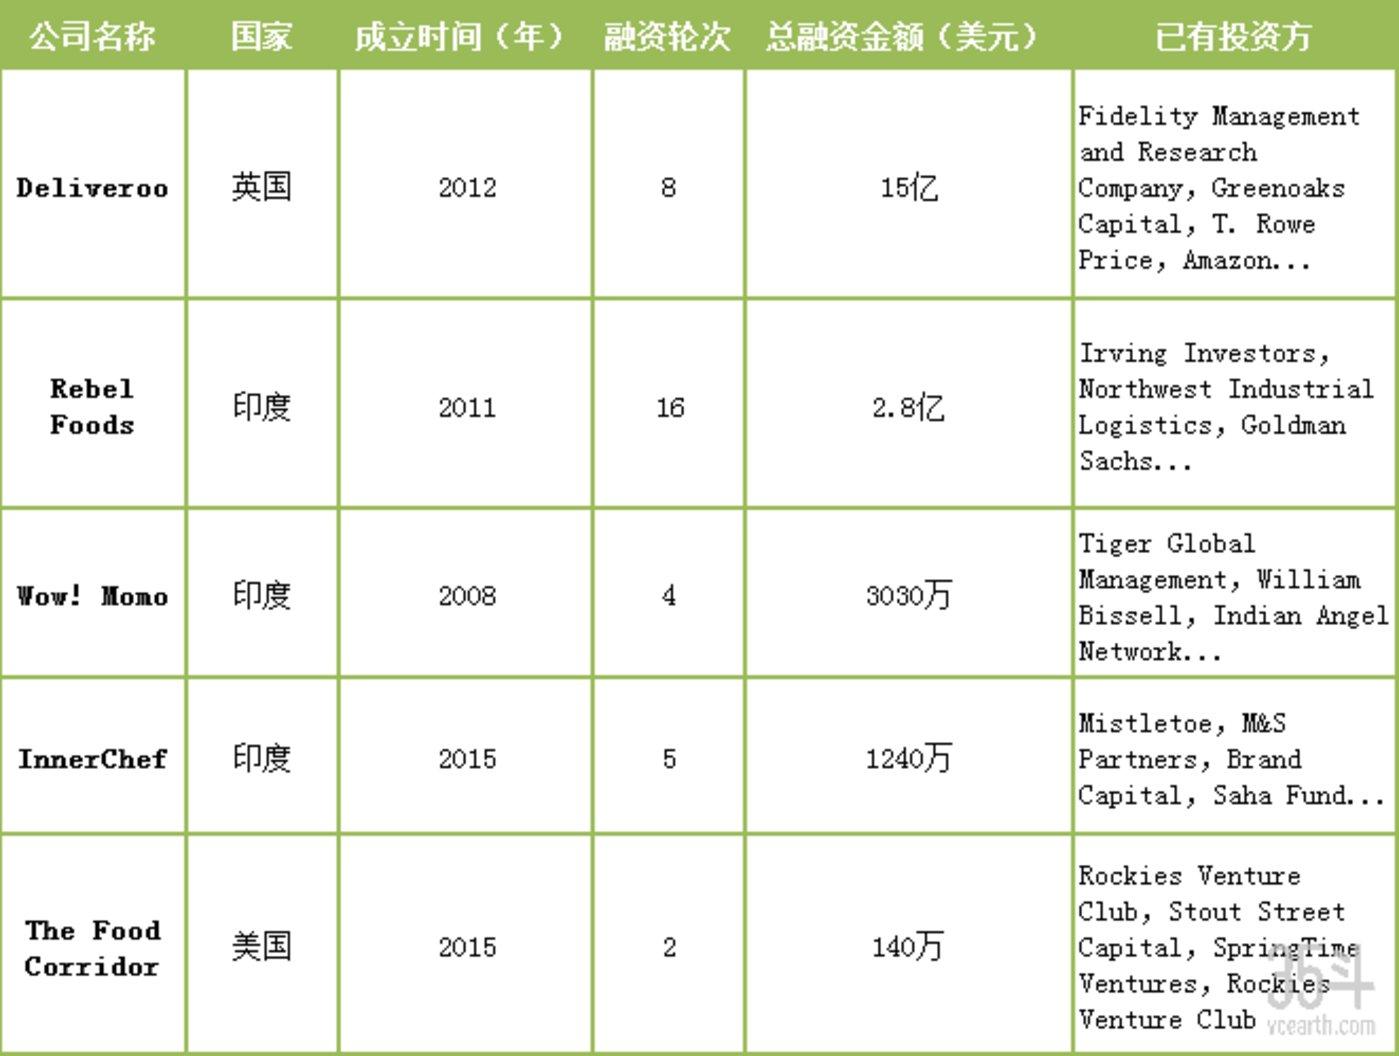 红星美凯龙中期溢利27.06亿人民币 不派息